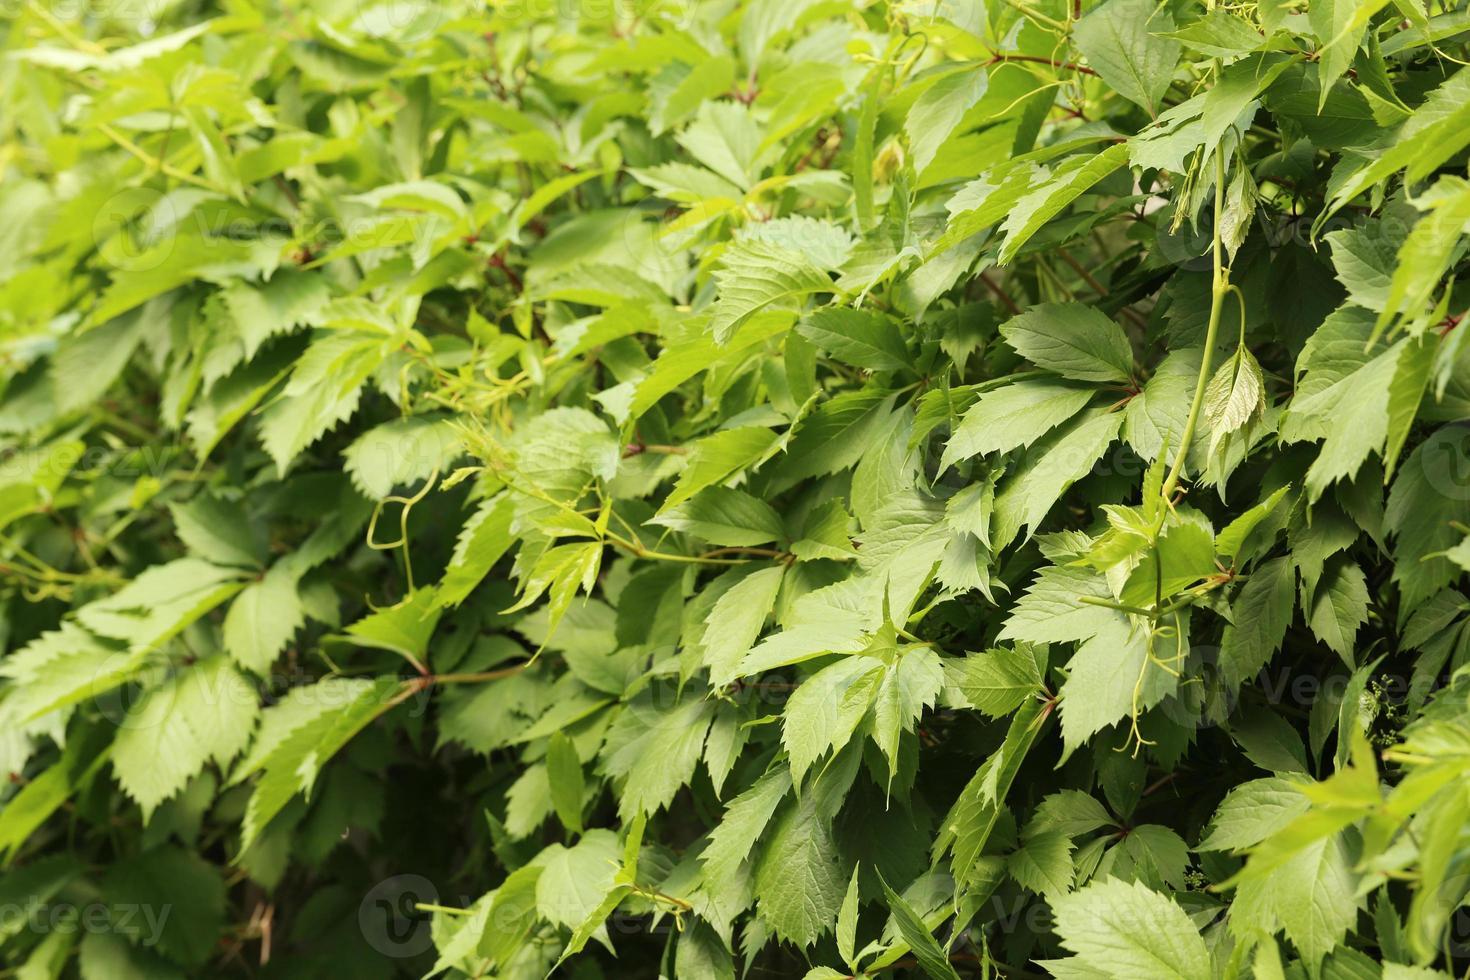 grünes Weinblatt im Freien foto